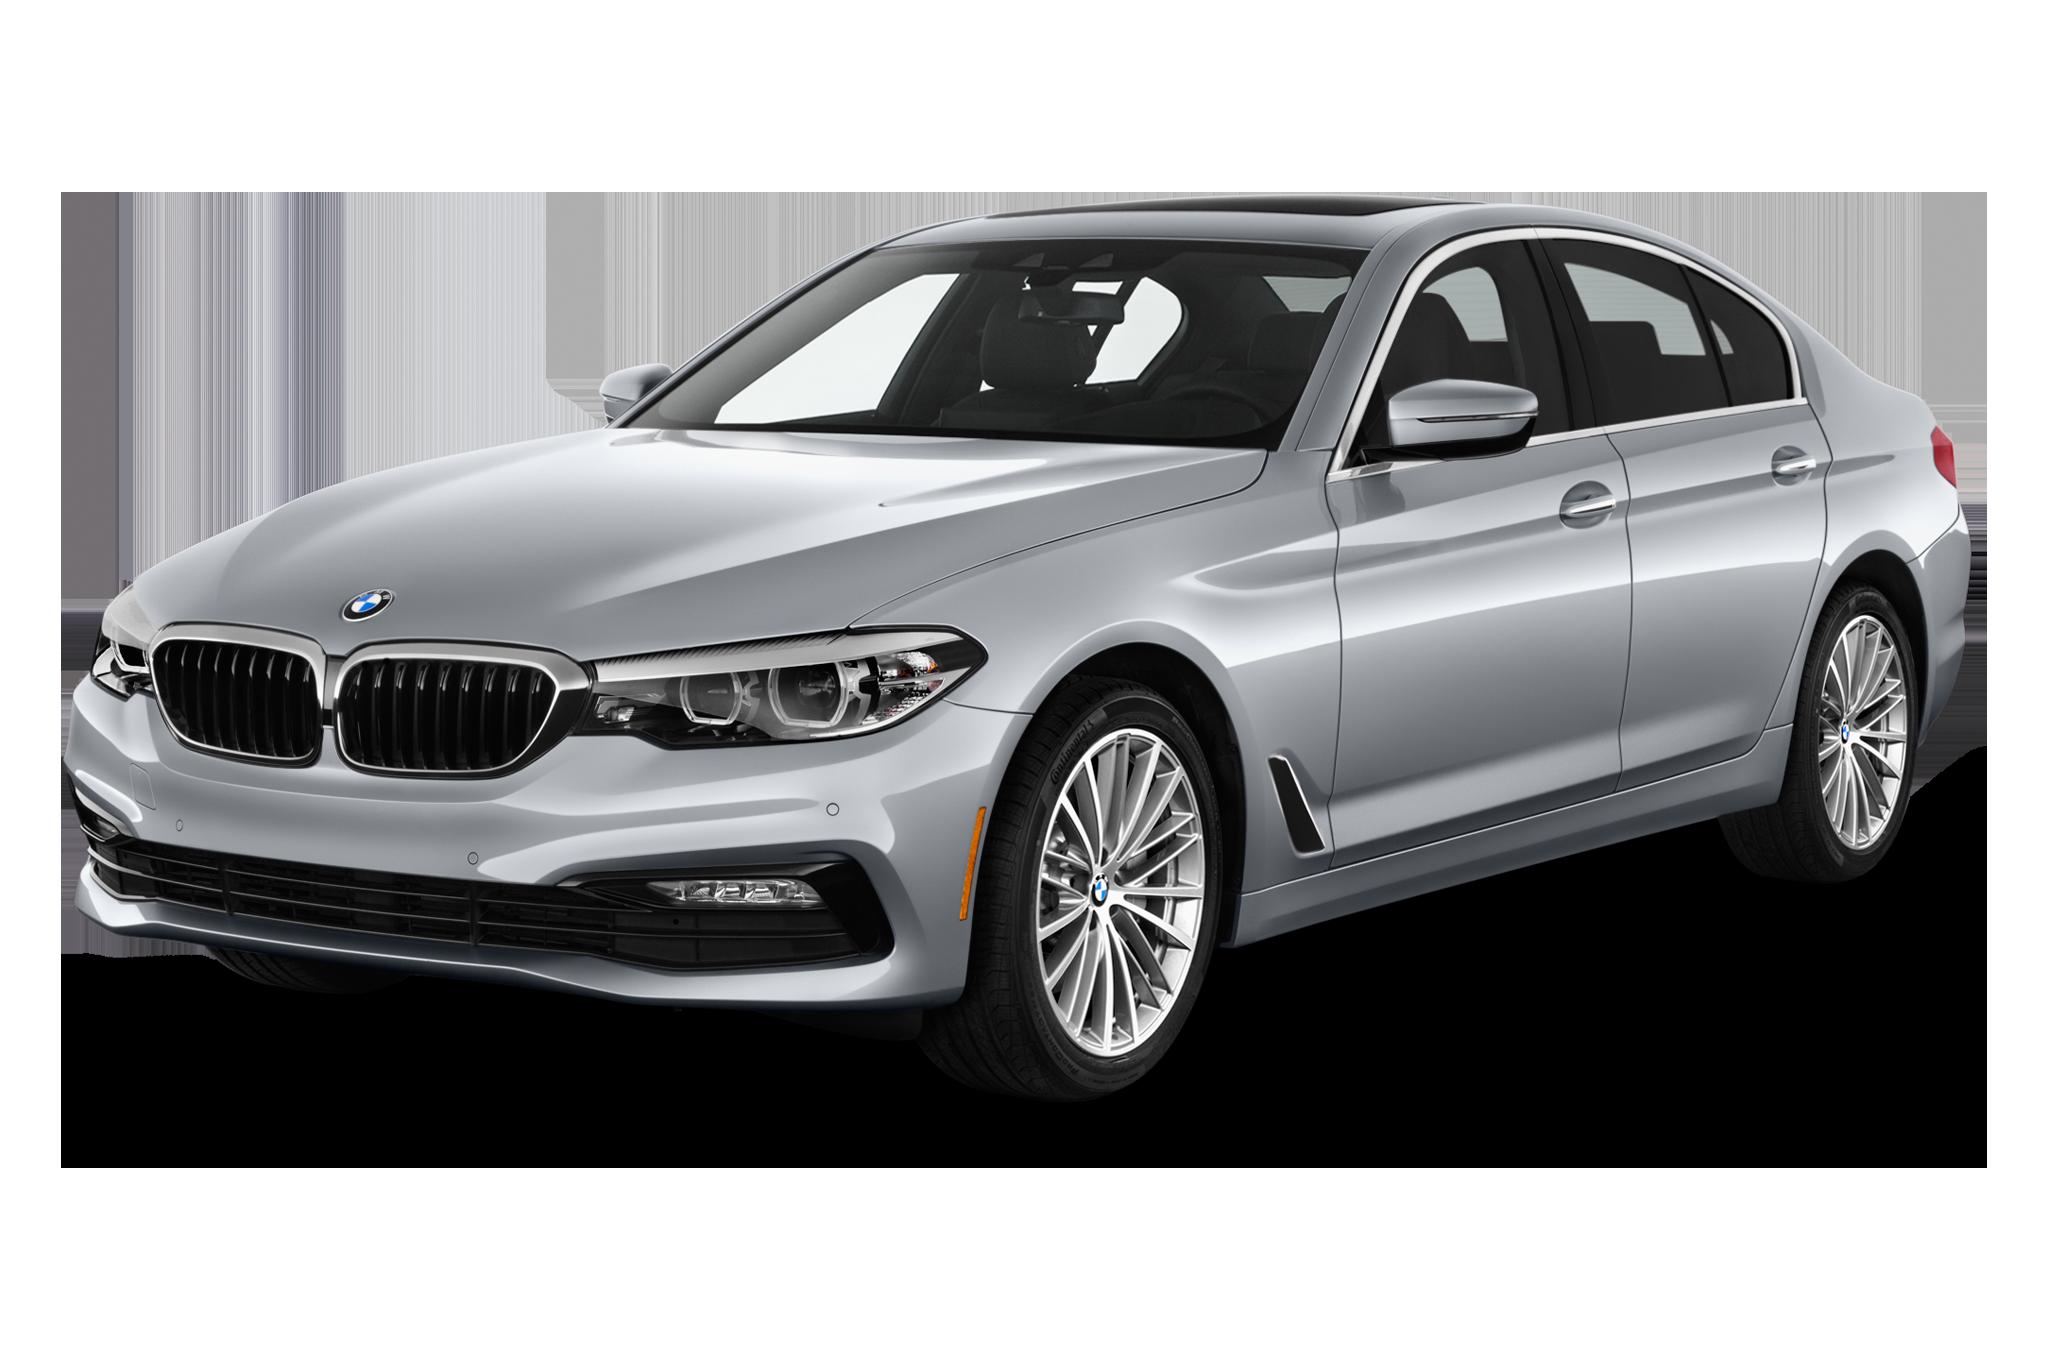 Dein neuer 5er BMW Firmenwagen mit Plug-in-Hybrid Antrieb